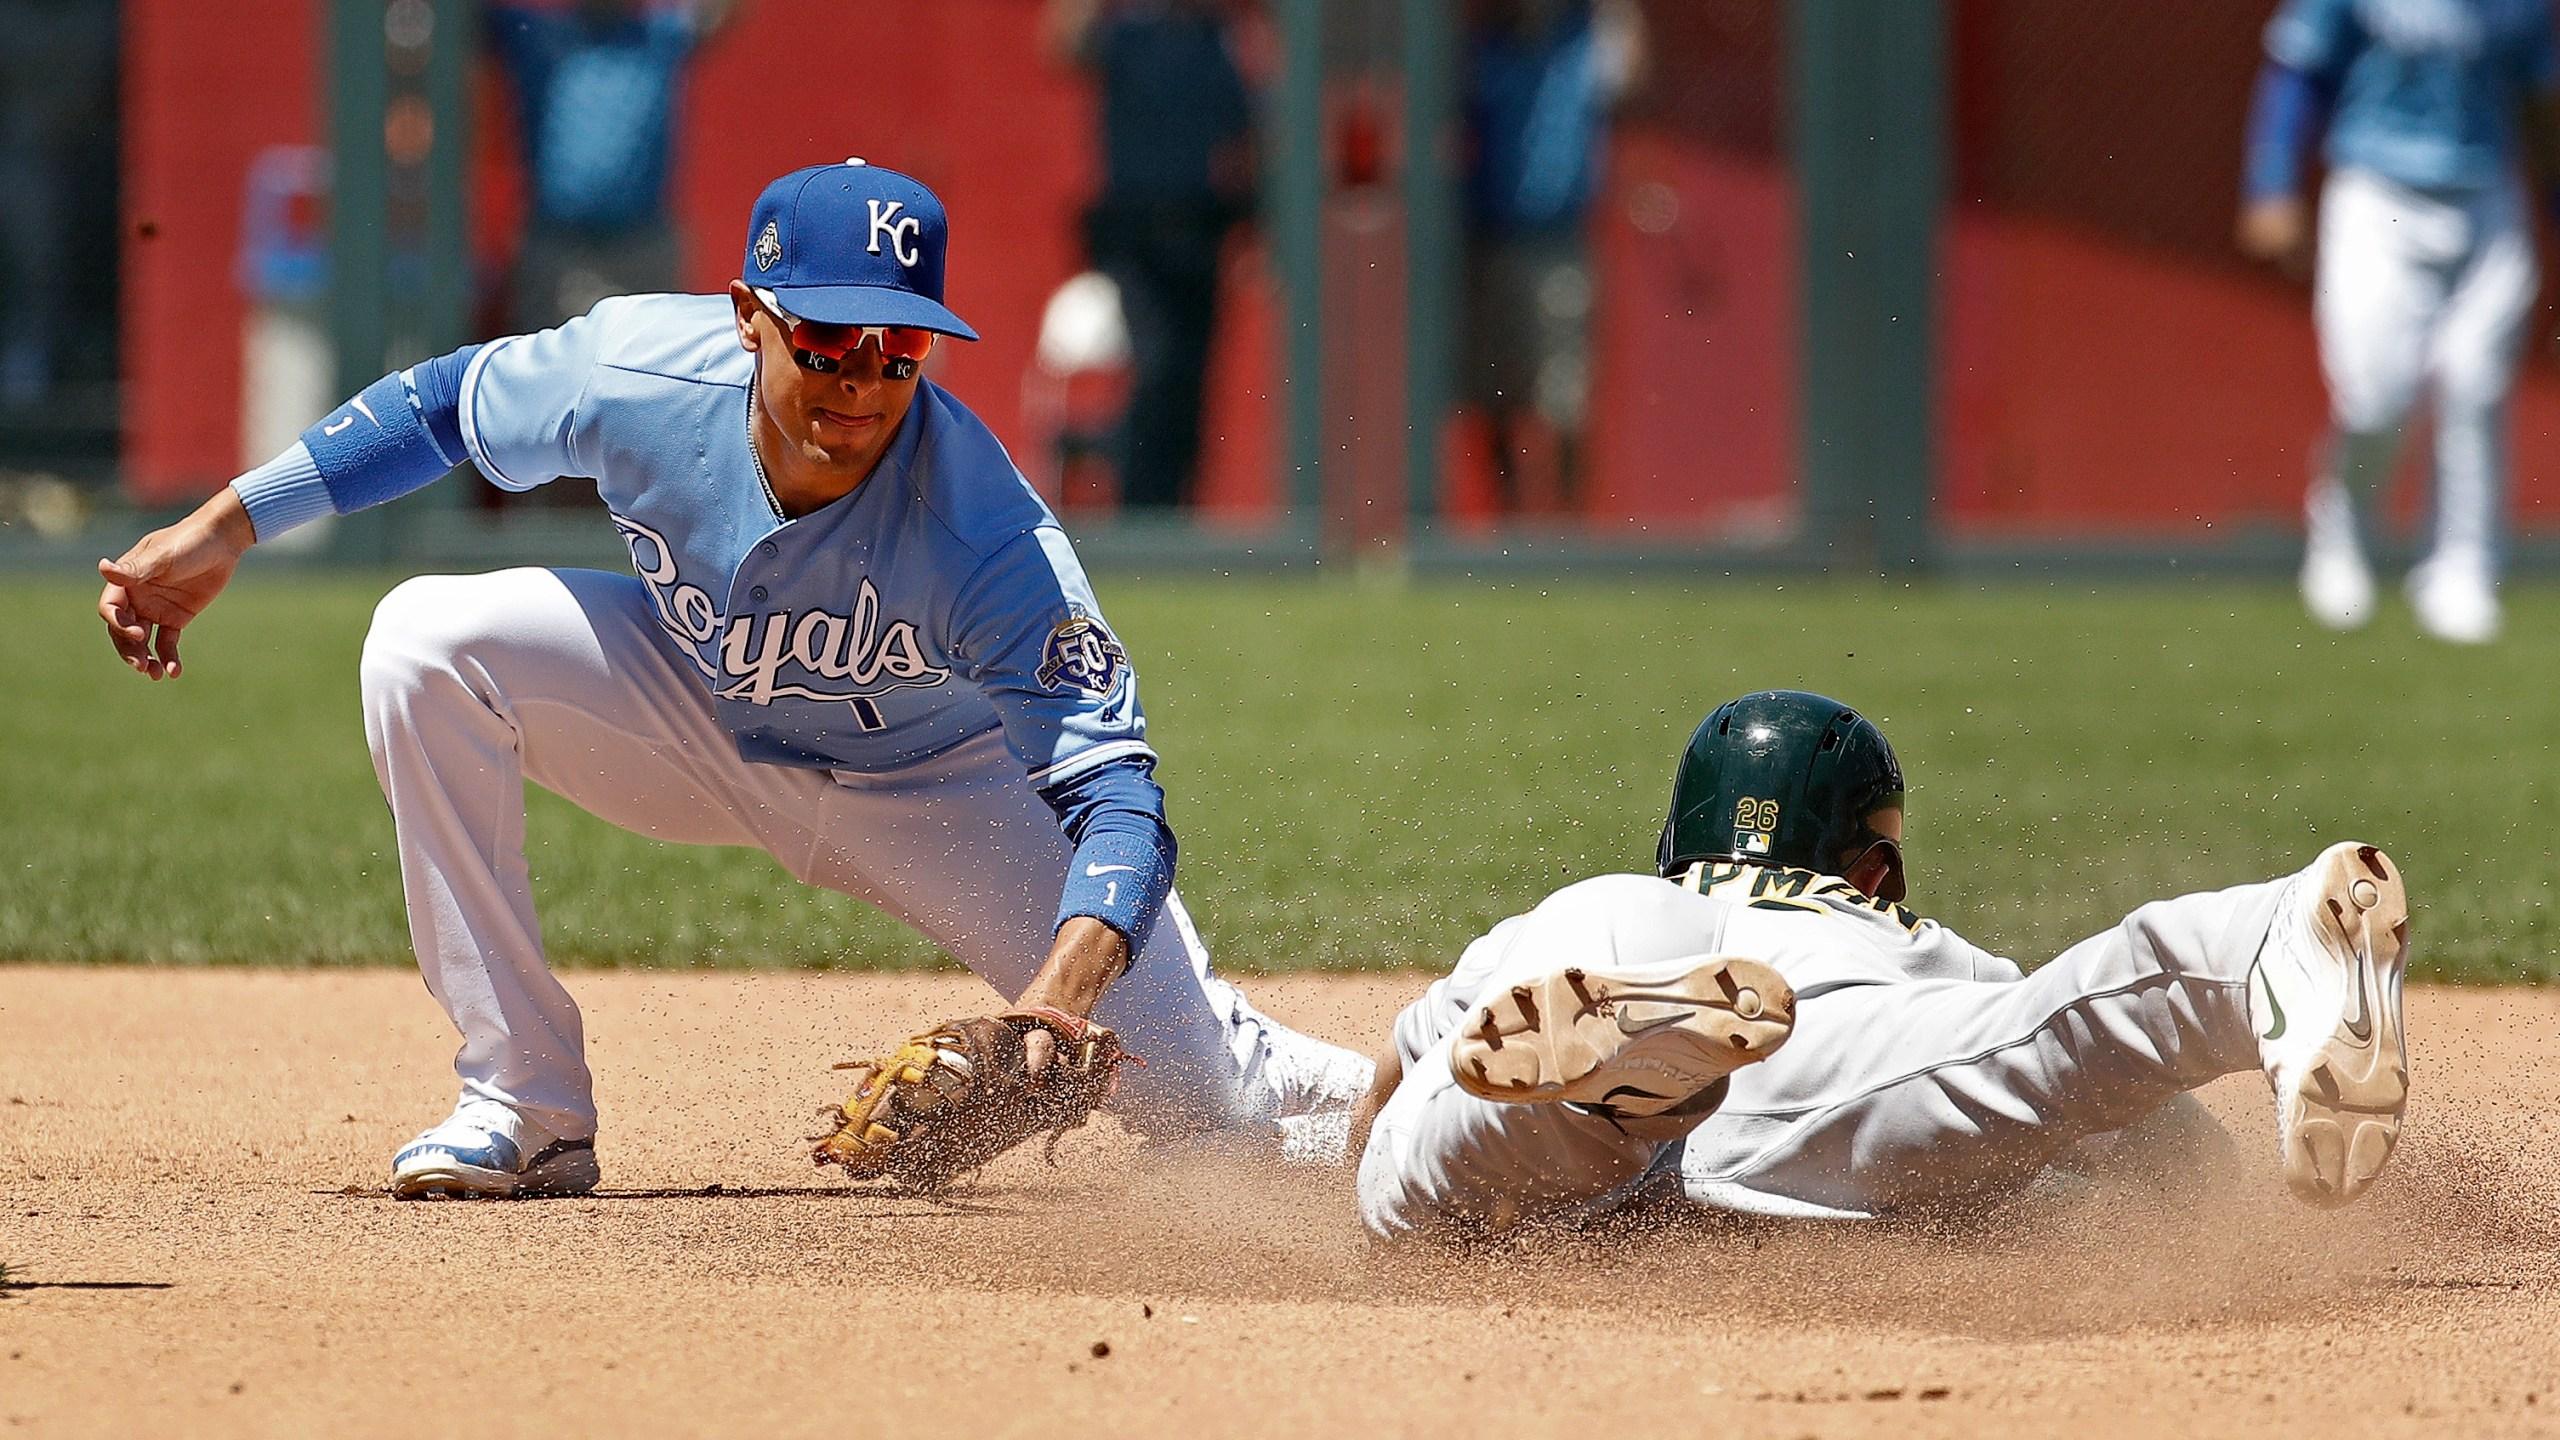 Athletics_Royals_Baseball_93058-159532.jpg18331230